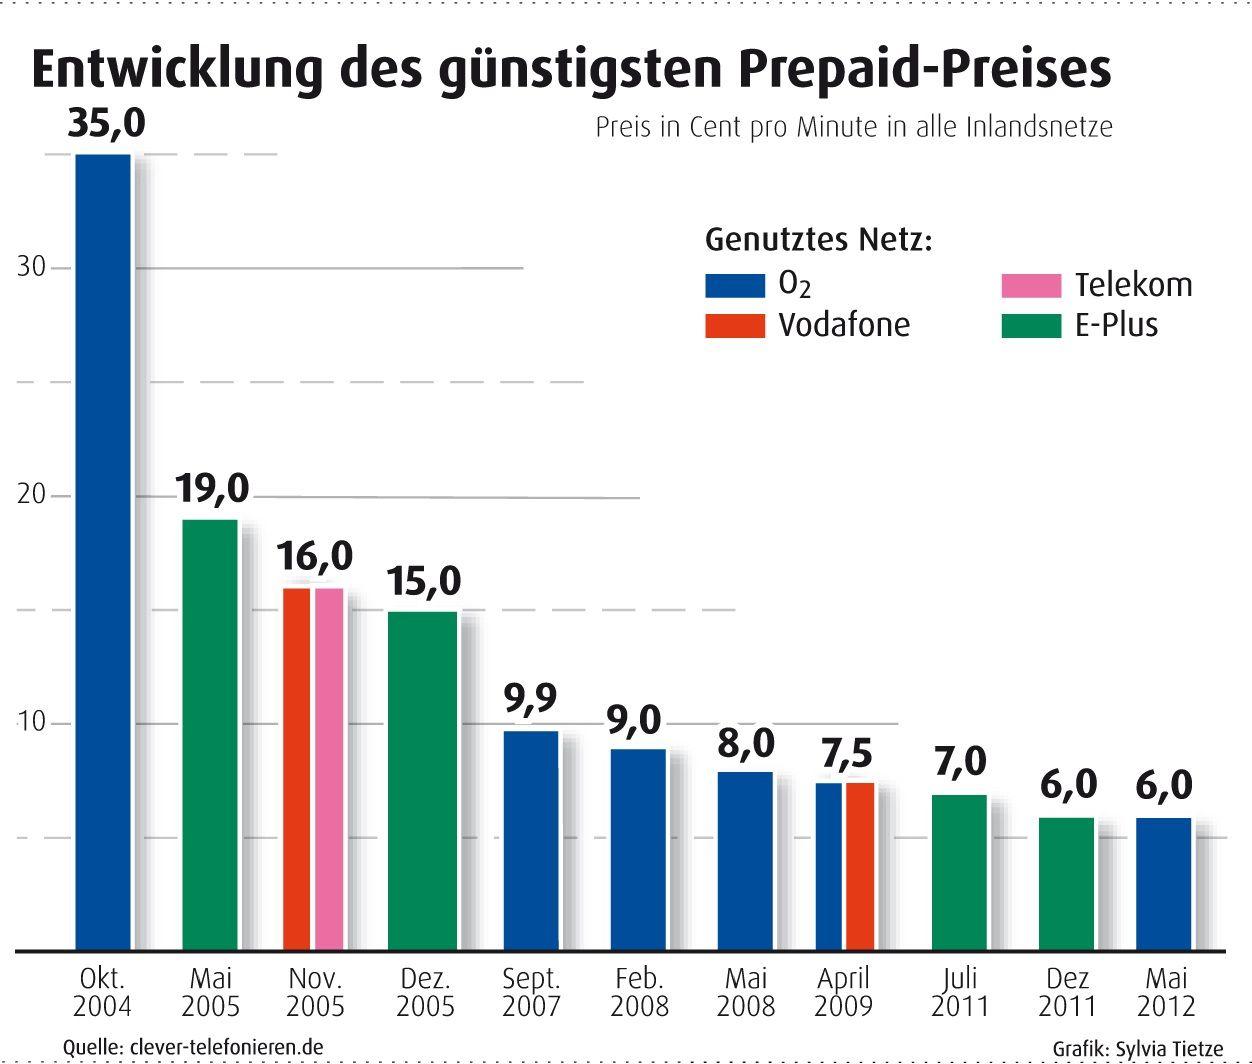 Entwicklung Prepaid Discounter in Deutschland - günstigster Einheitspreis in alle Inlandsnetze. Die günstigsten Prepaid Preise heute findet man unter: http://www.clever-telefonieren.de/prepaid-tarife/prepaid-vergleich.html